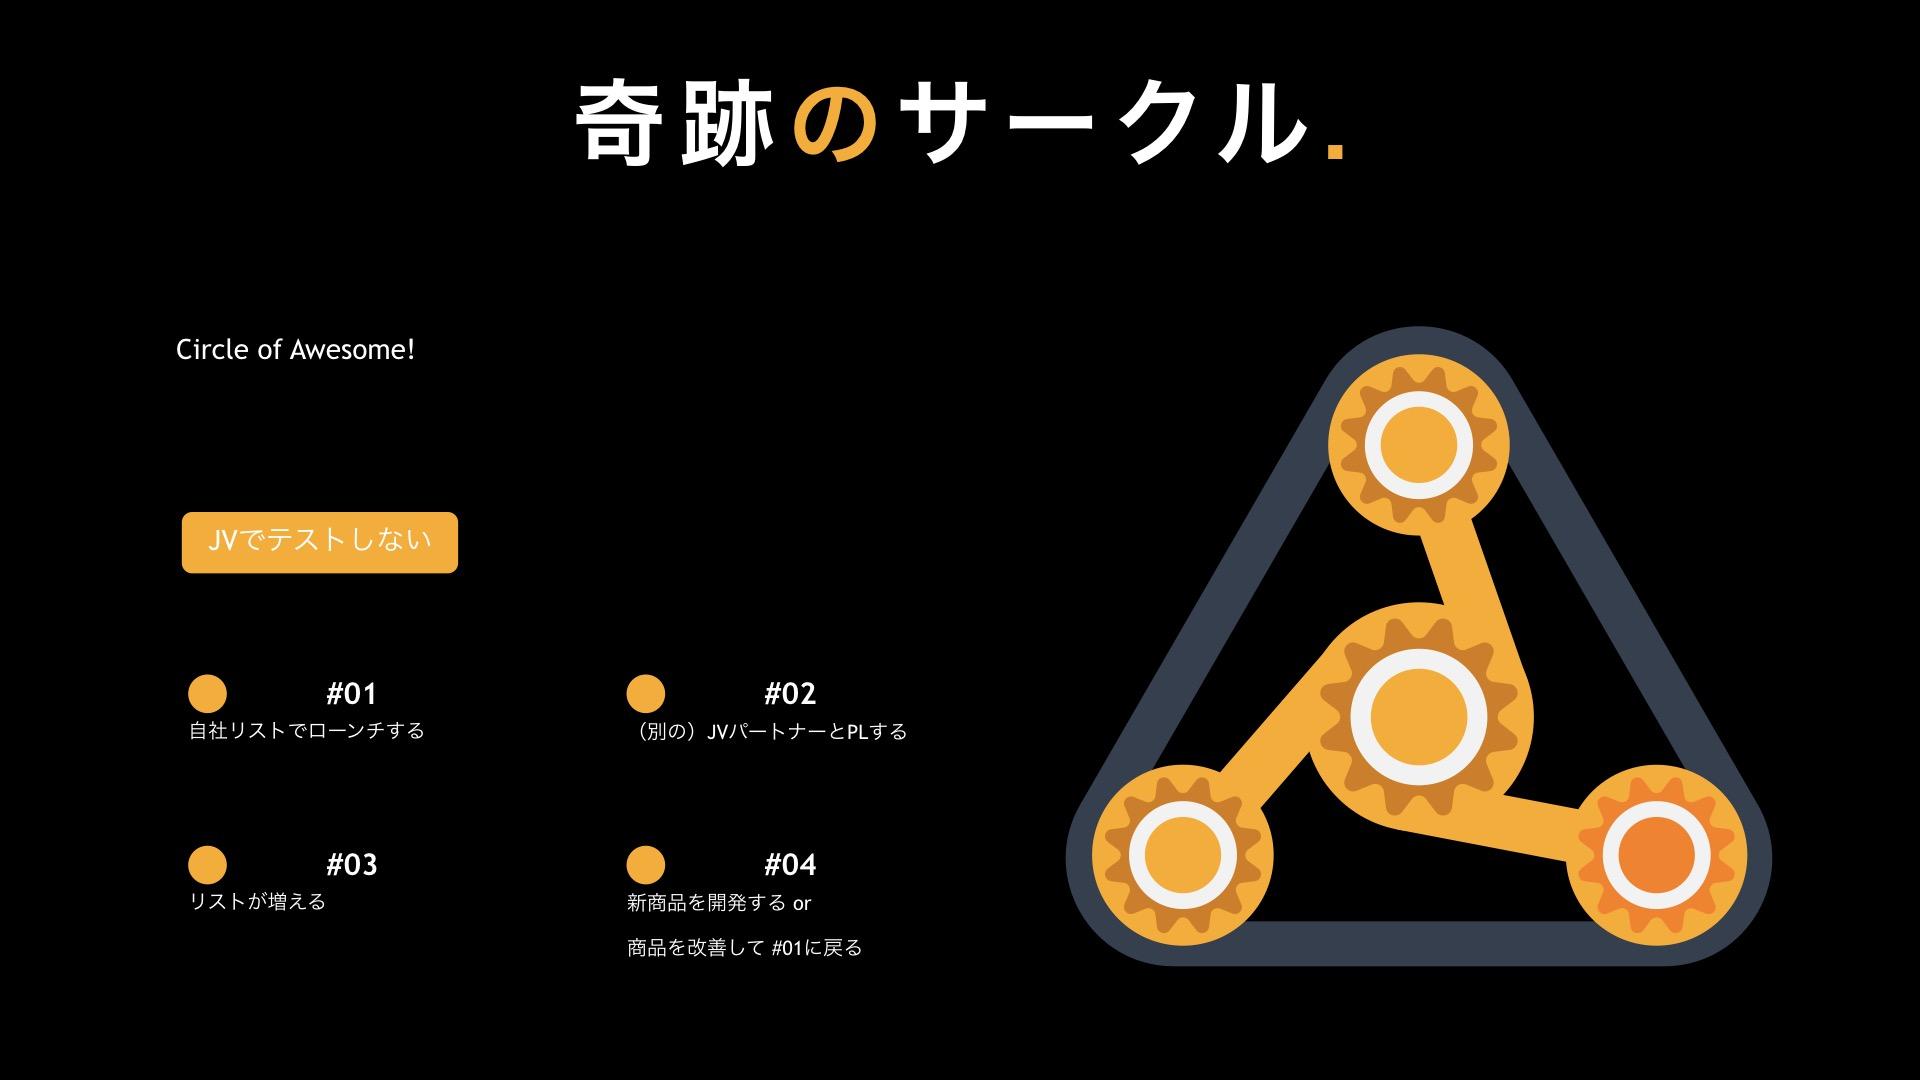 モジュール 01 プロダクトローンチ の戦略と専門用語 015